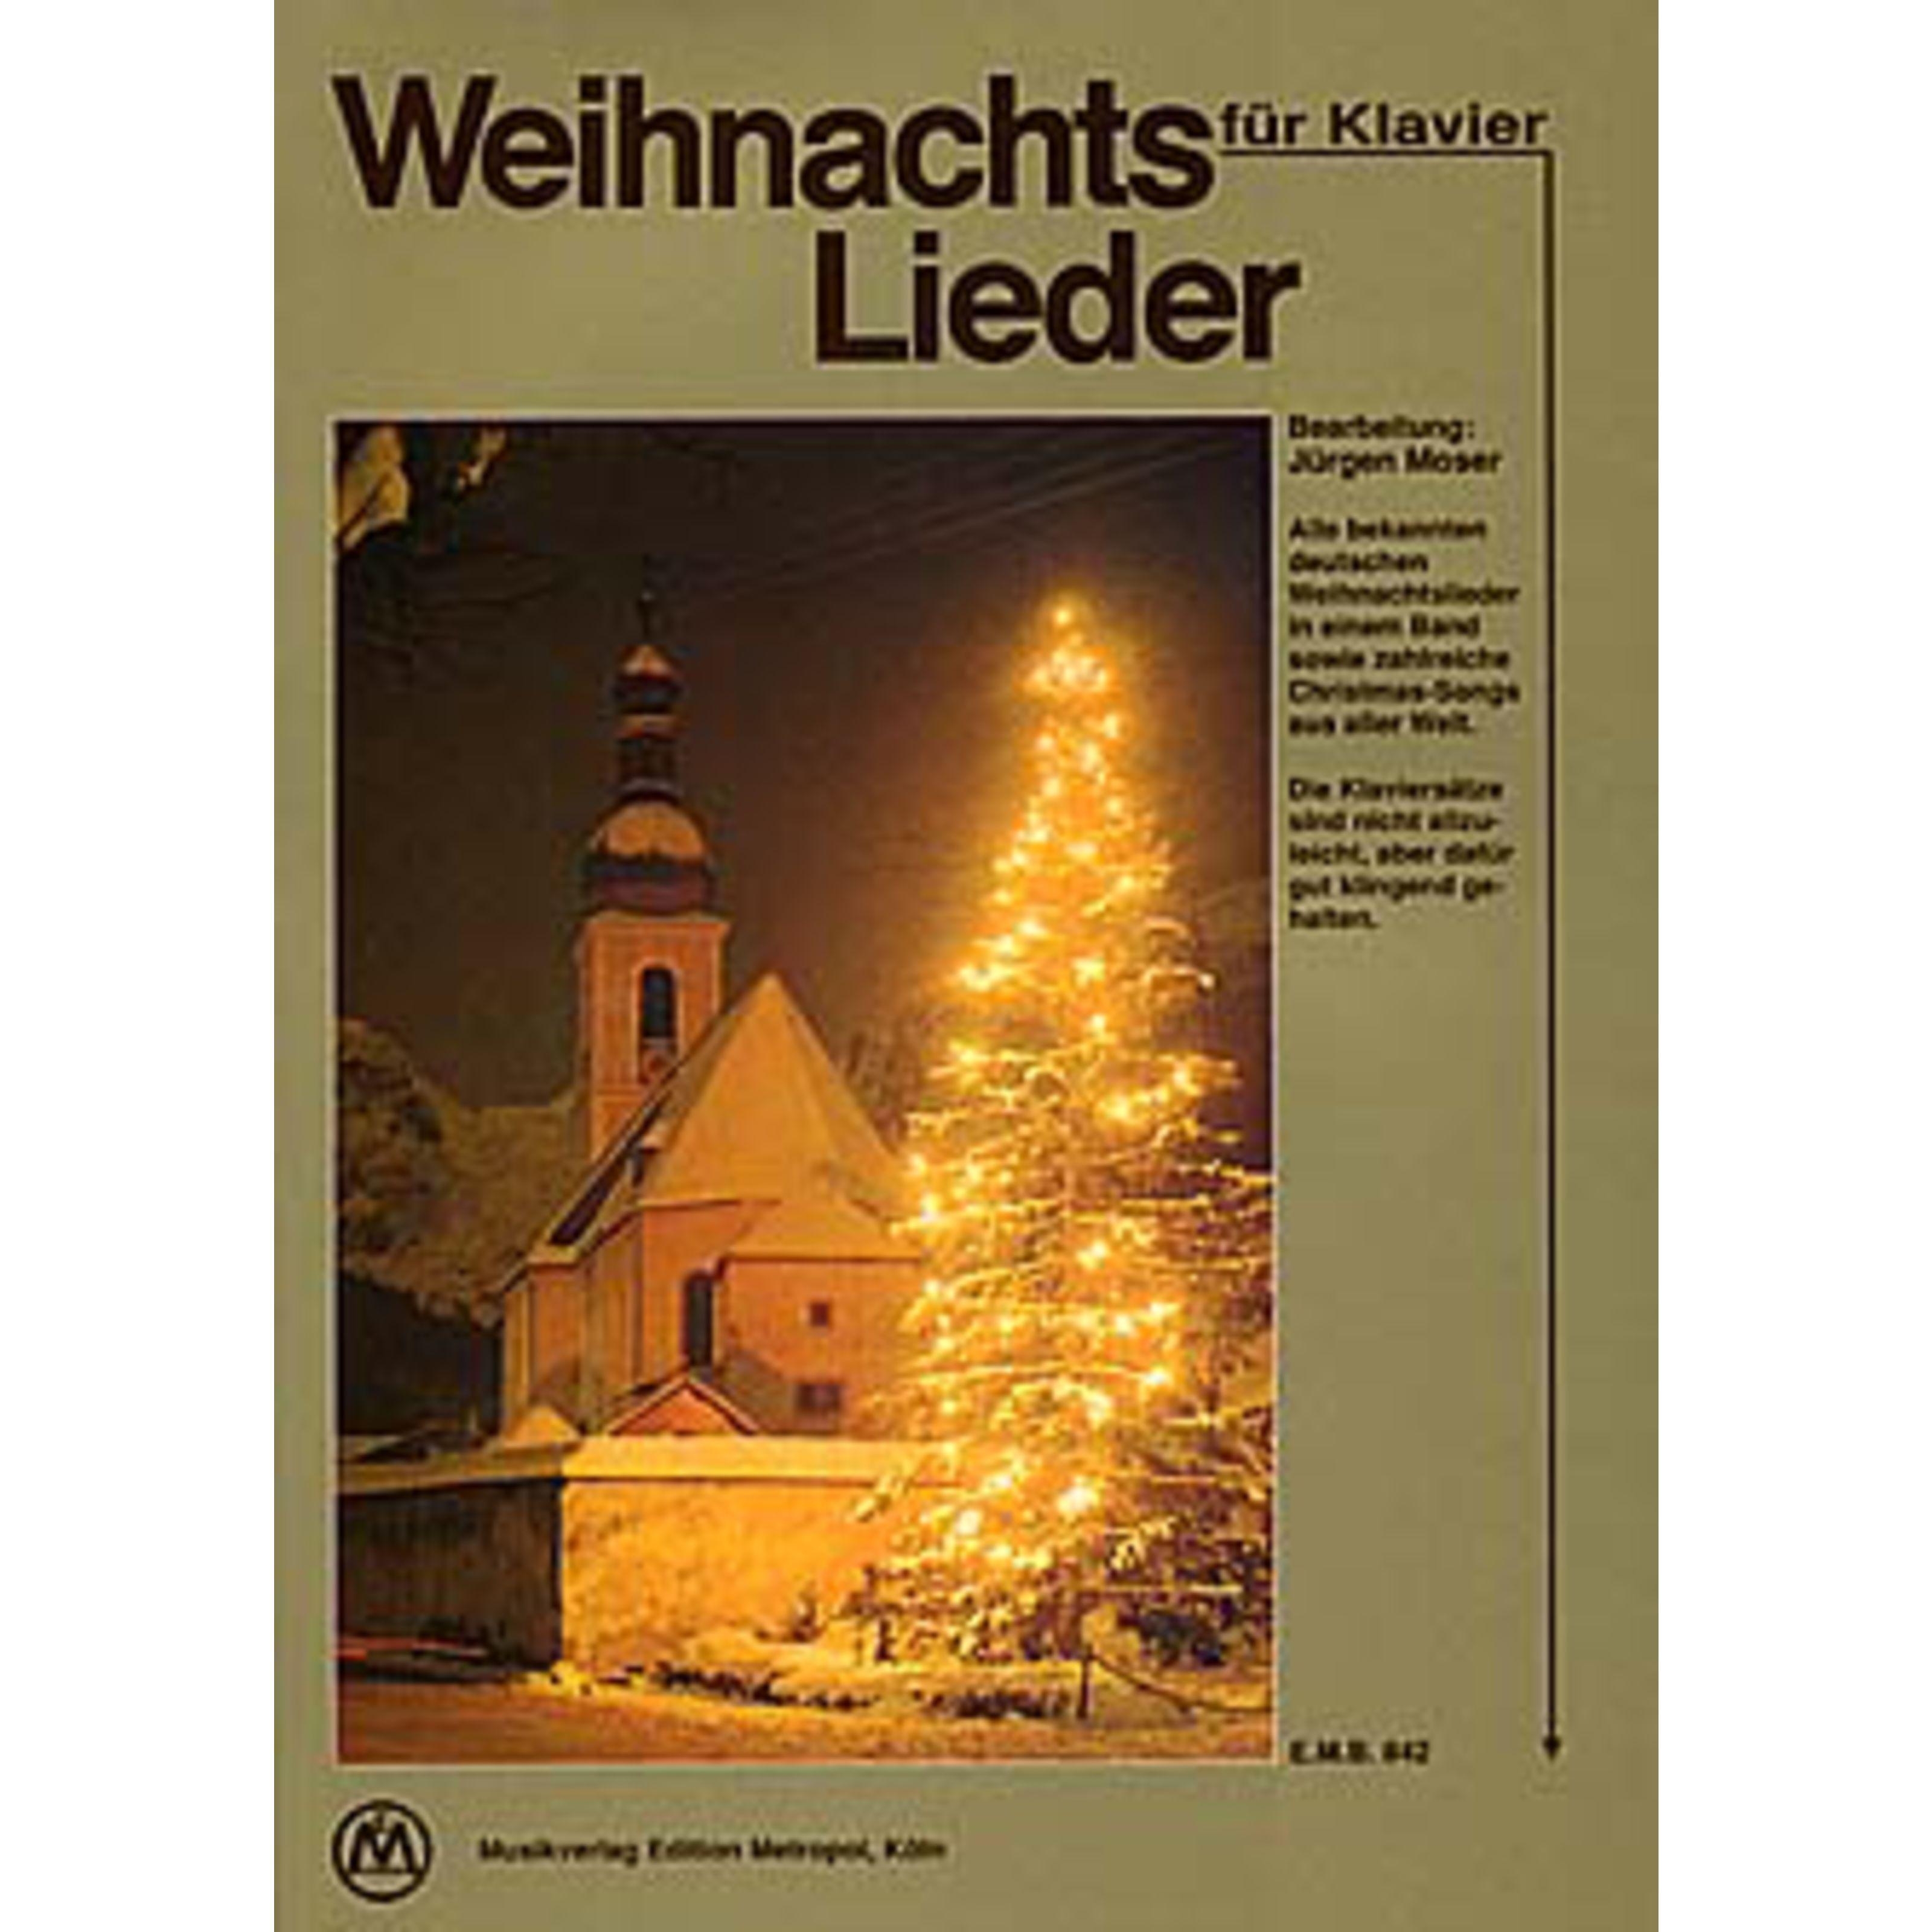 Edition Metropol - Weihnachtslieder für Klavier EMB 842